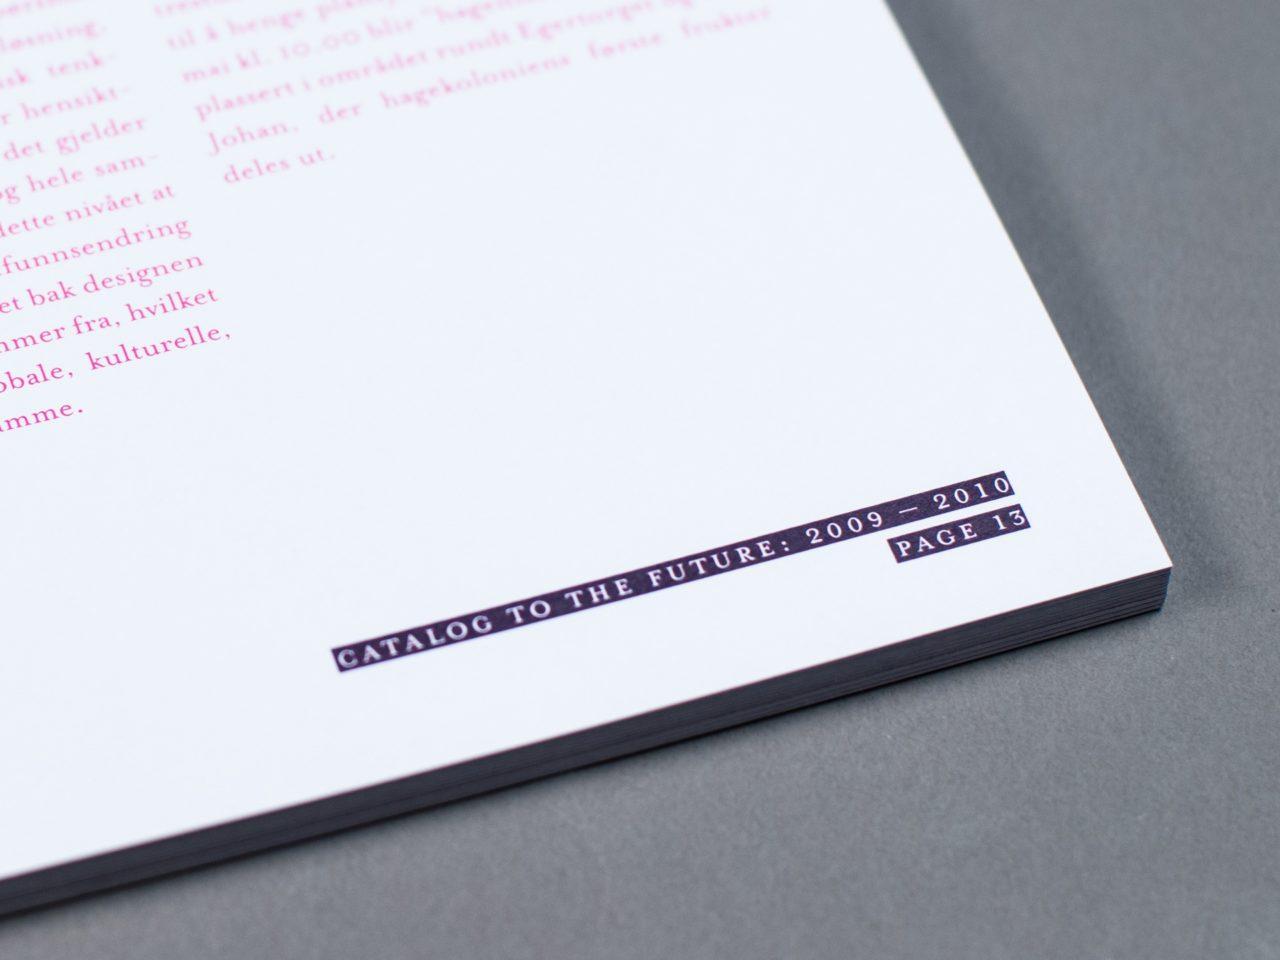 KHiO katalog paginering